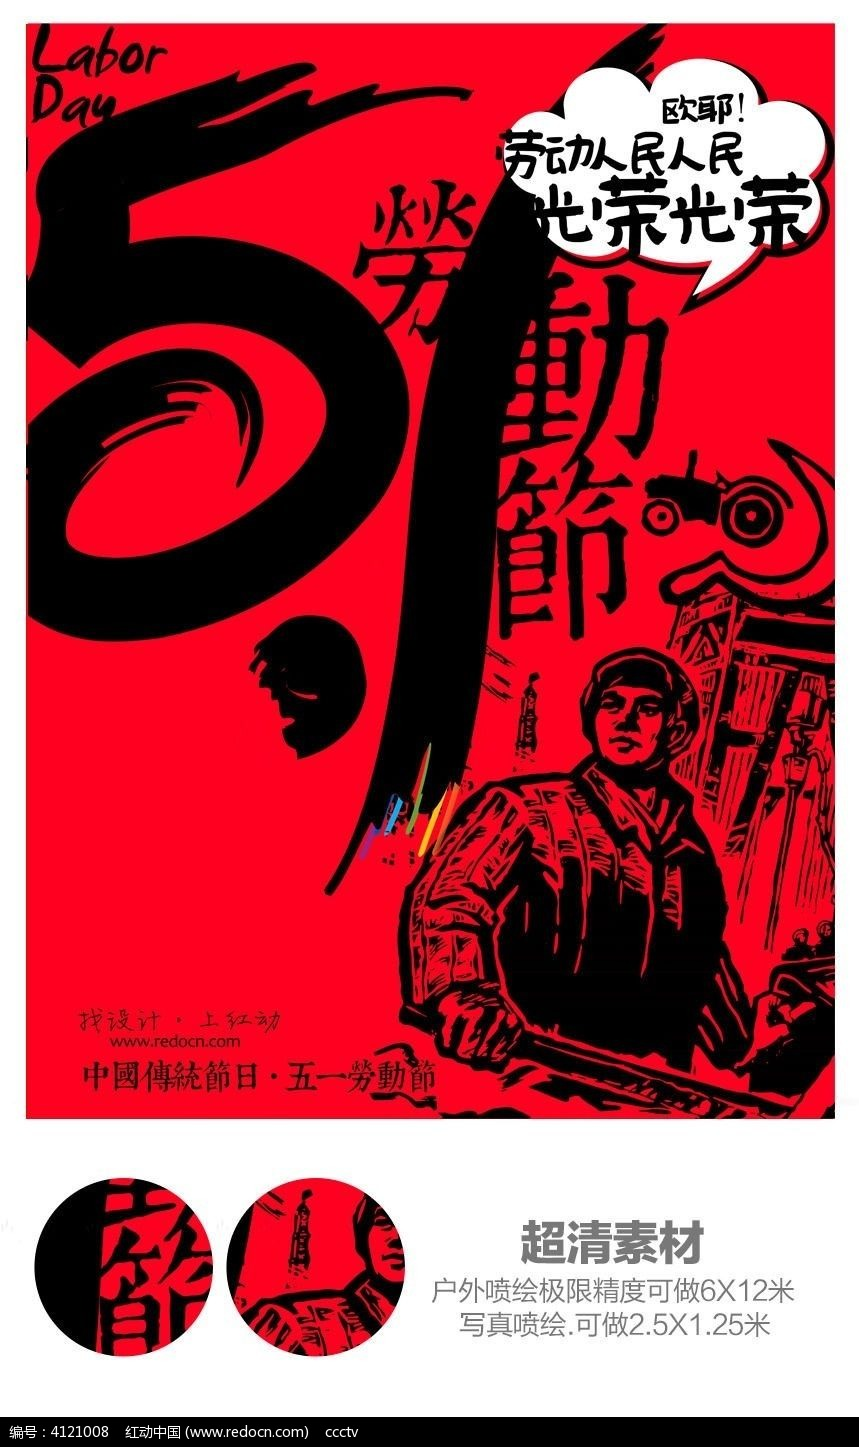 五一劳动节宣传海报护设计图片